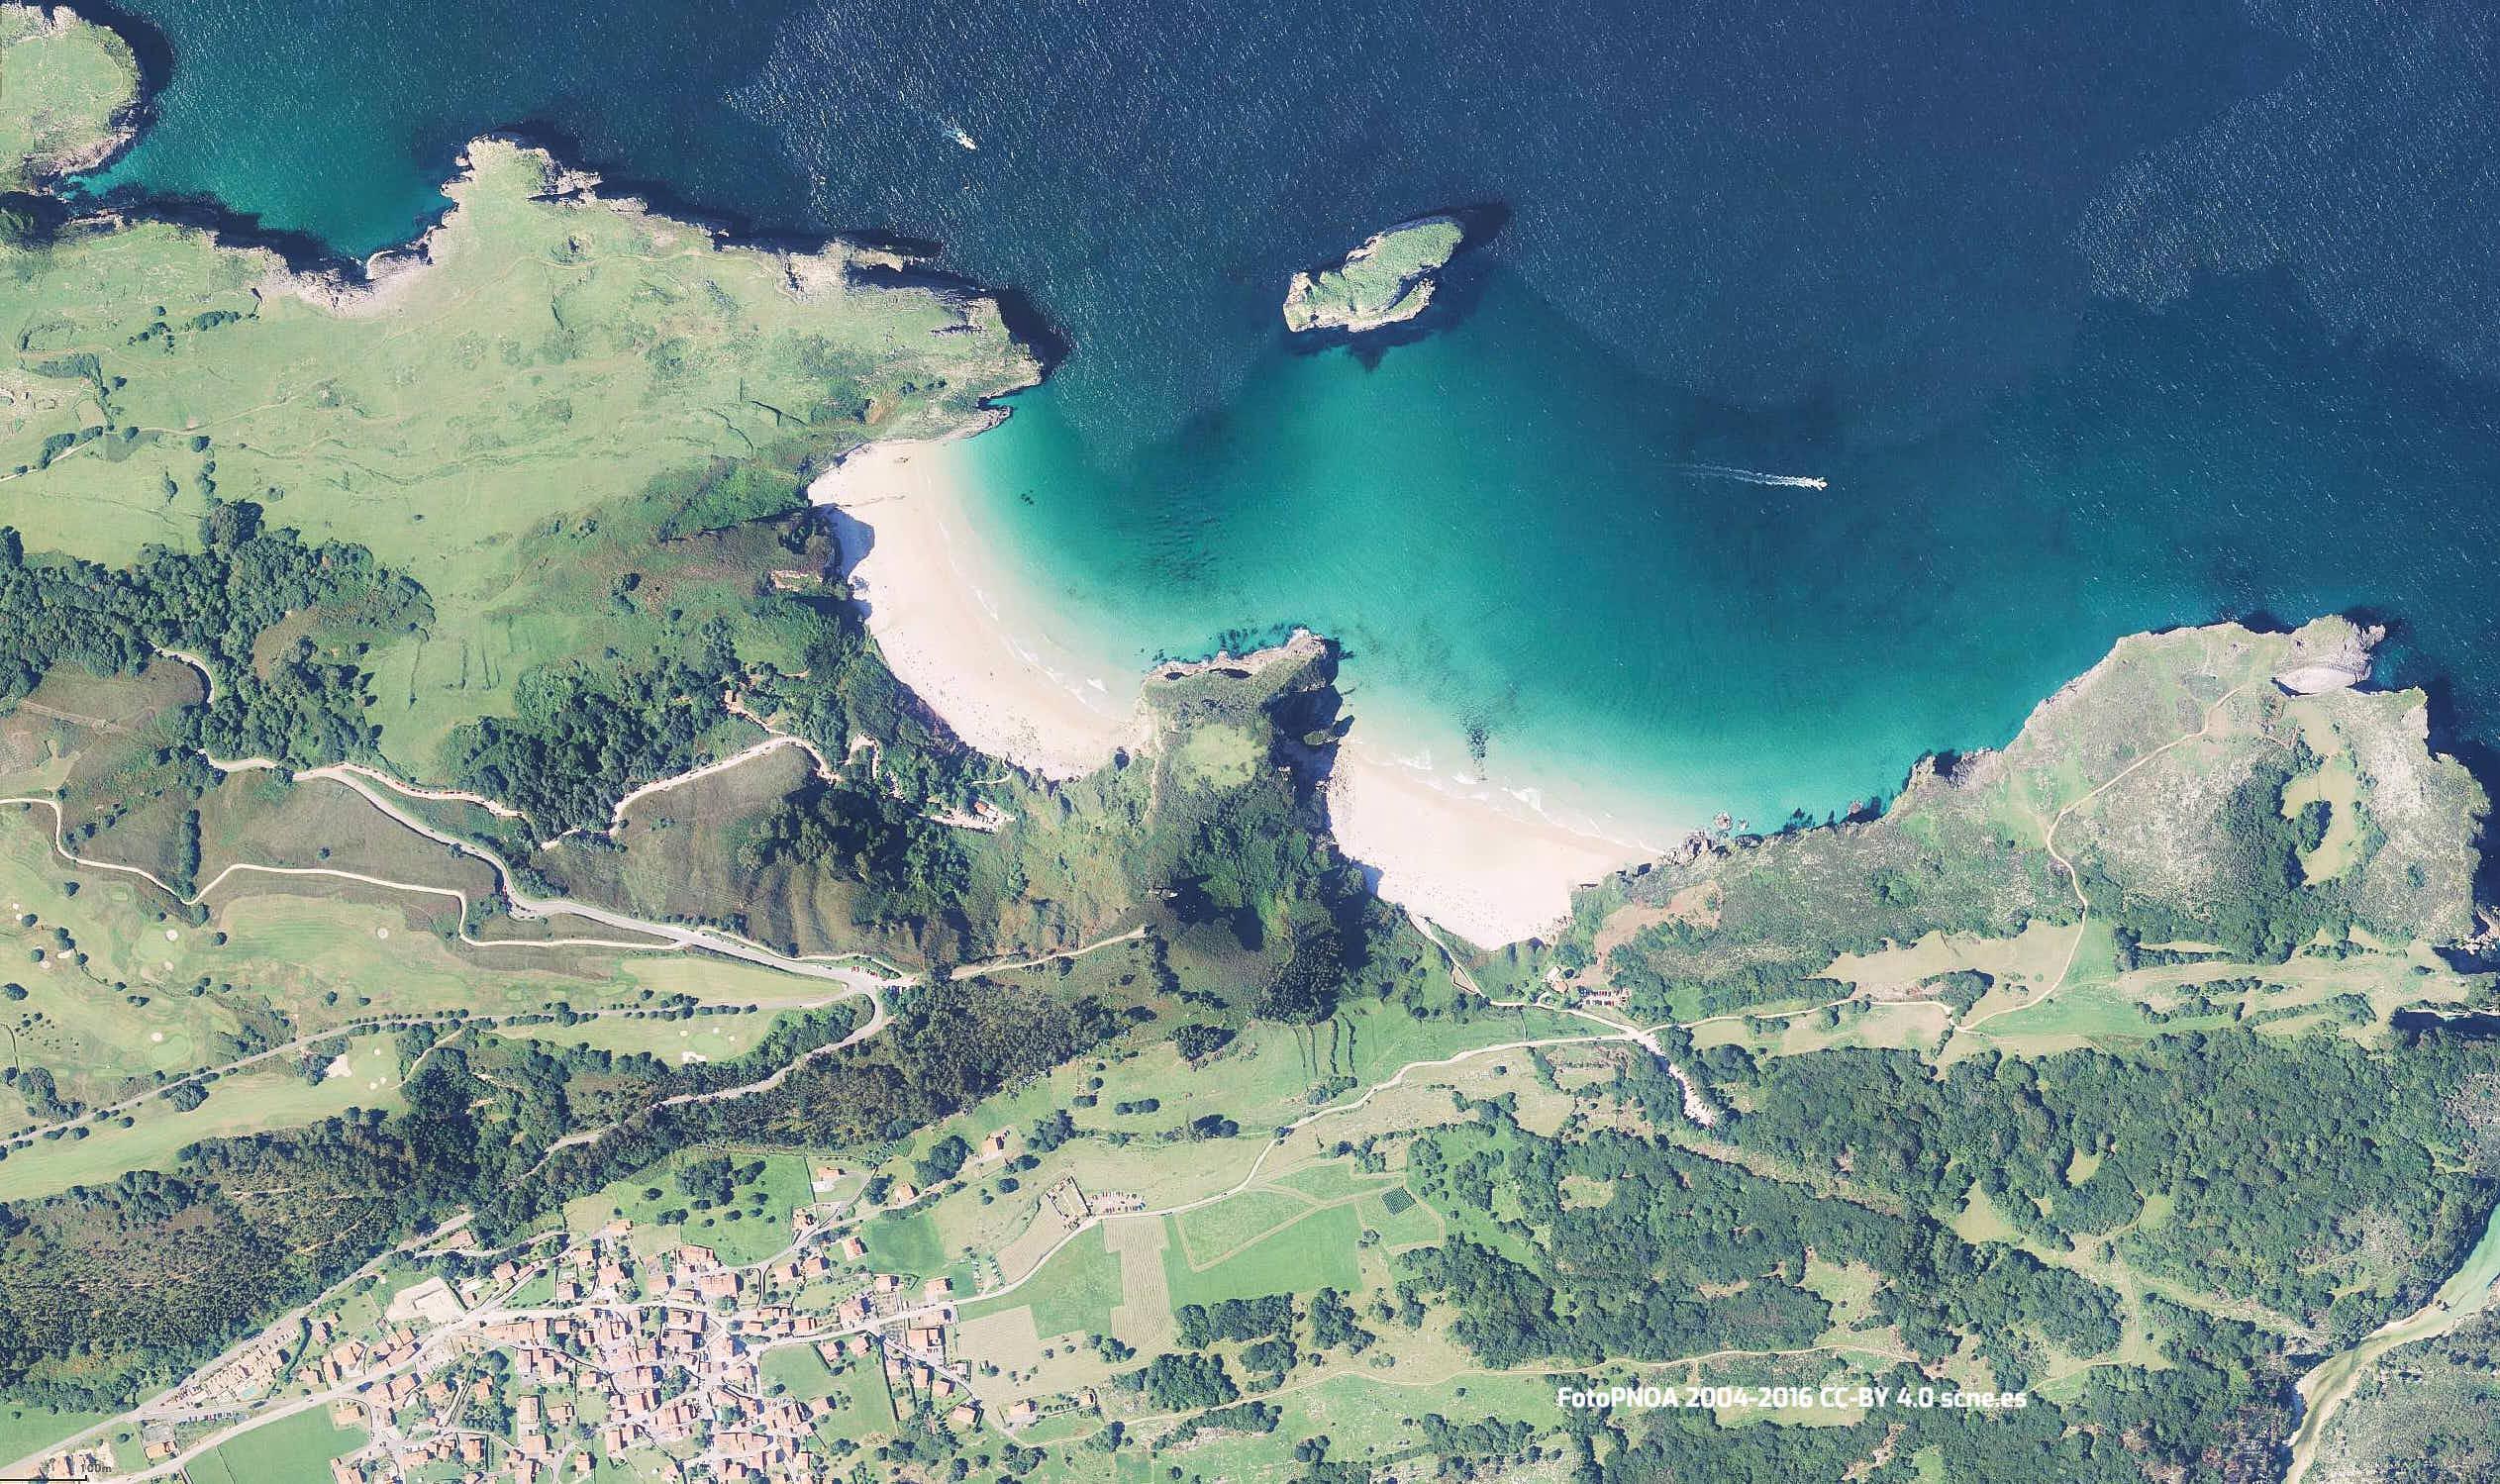 Vista aerea de las playas de Ballota y Andrin en Llanes, Asturias